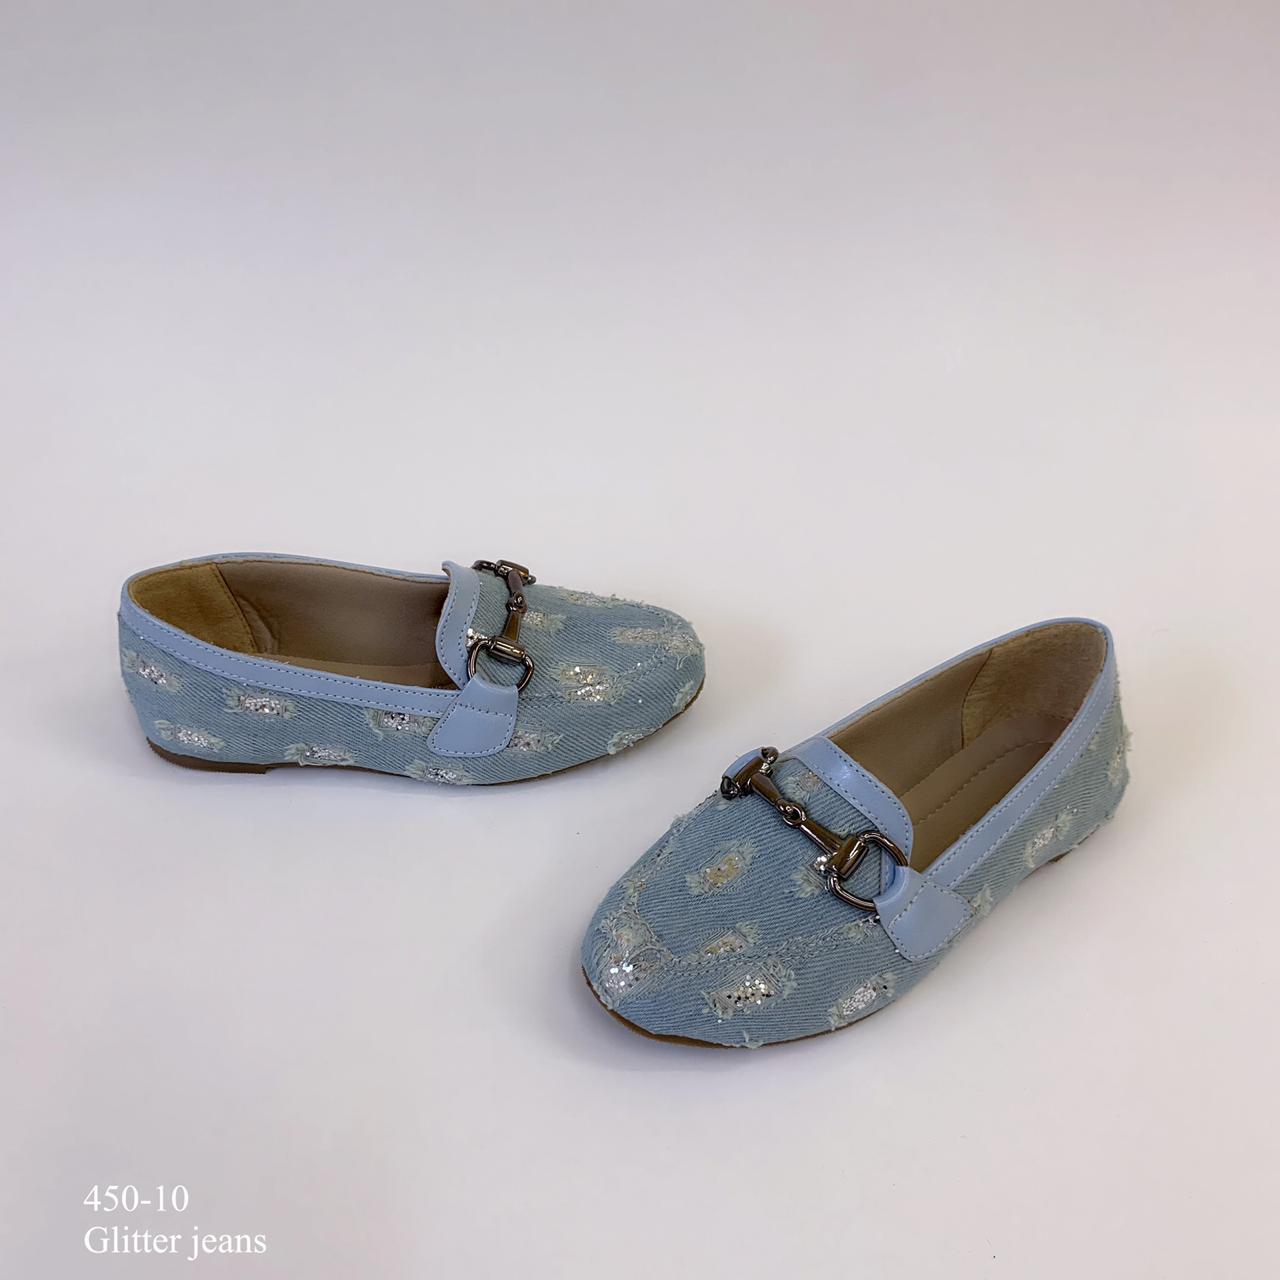 Mocassim mamãe & filha  Jeans Glitter | D-450-10